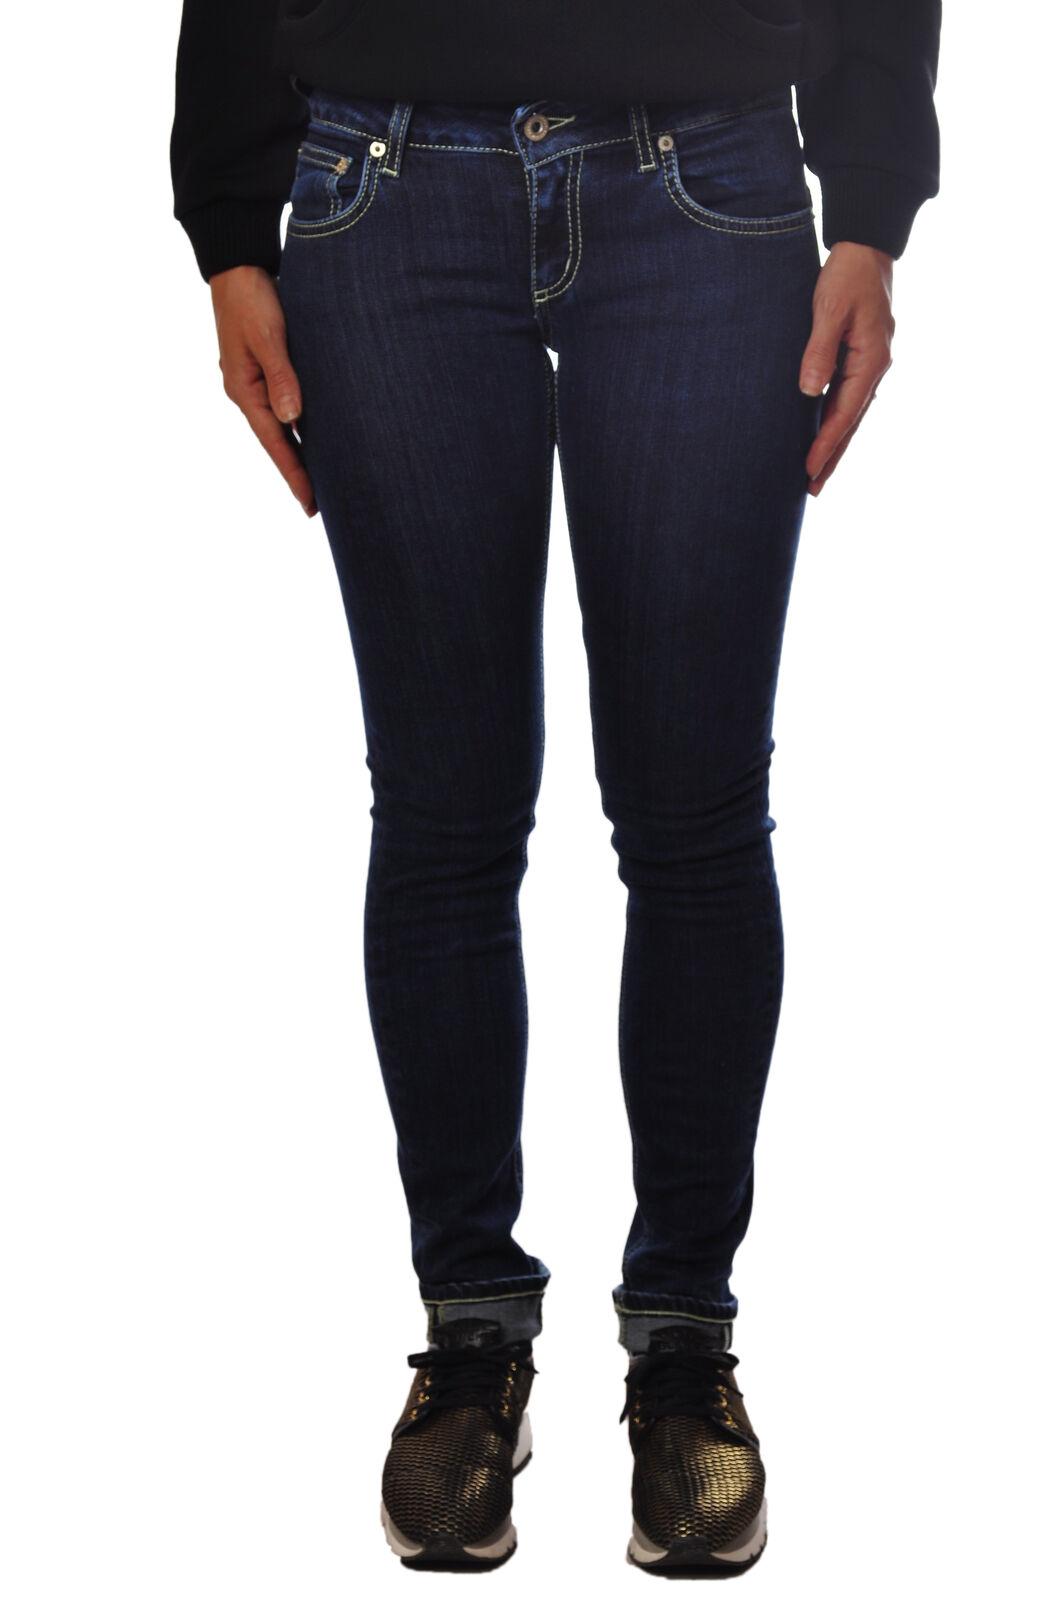 Don dup - Jeans-Pants-slim fit - Woman - Denim - 2327220A194152